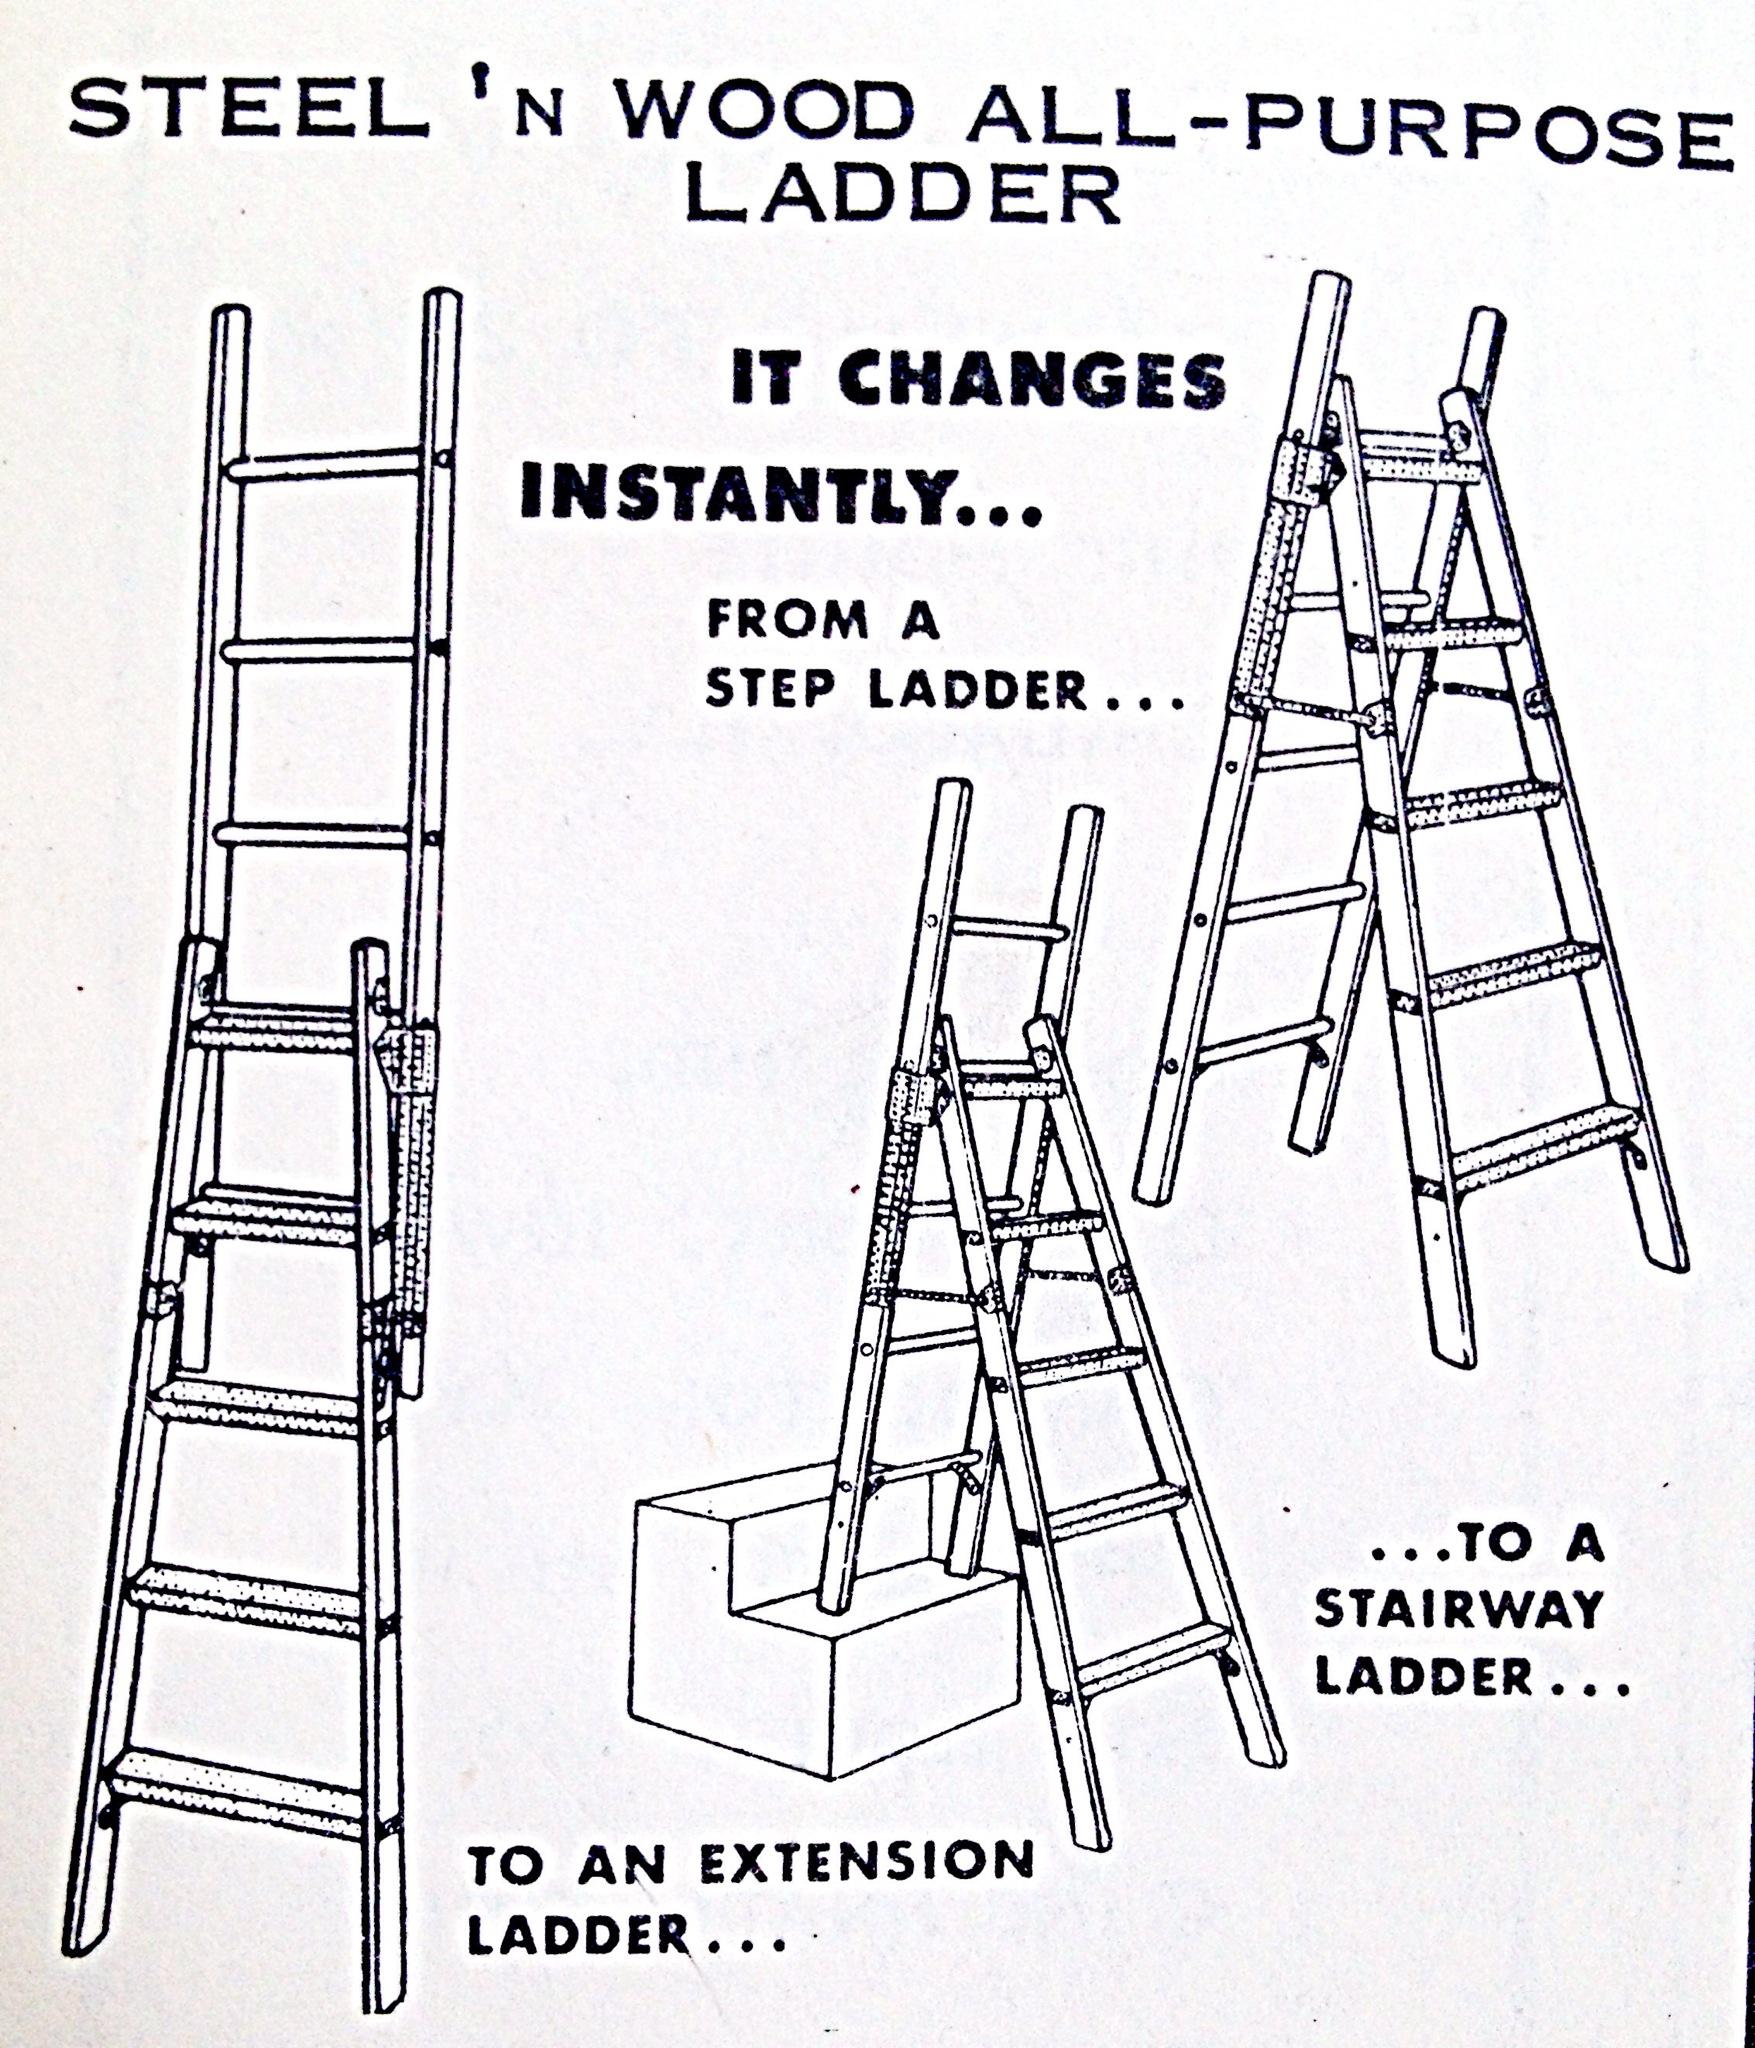 Steel 'N Wood All-Purpose Ladder « Hardware Illustrated